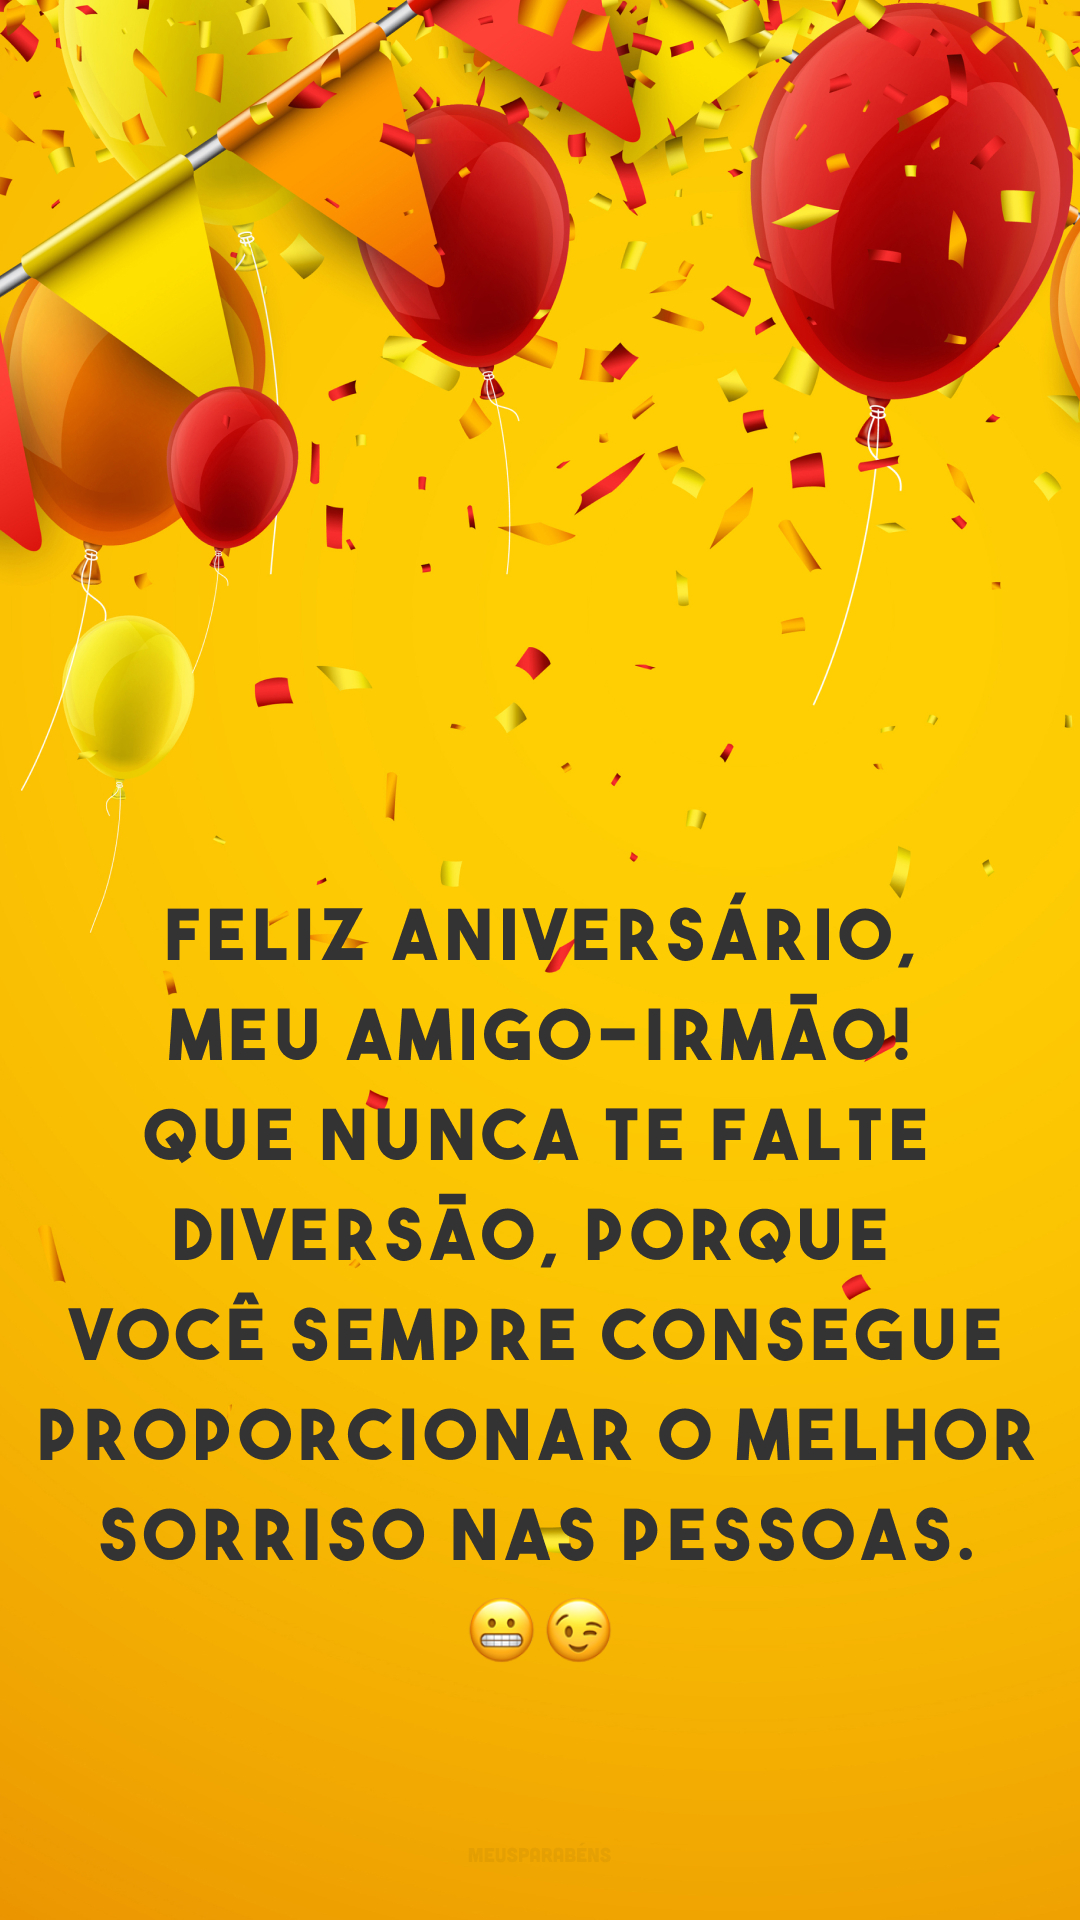 Feliz aniversário, meu amigo-irmão! Que nunca te falte diversão, porque você sempre consegue proporcionar o melhor sorriso nas pessoas. 😬😉